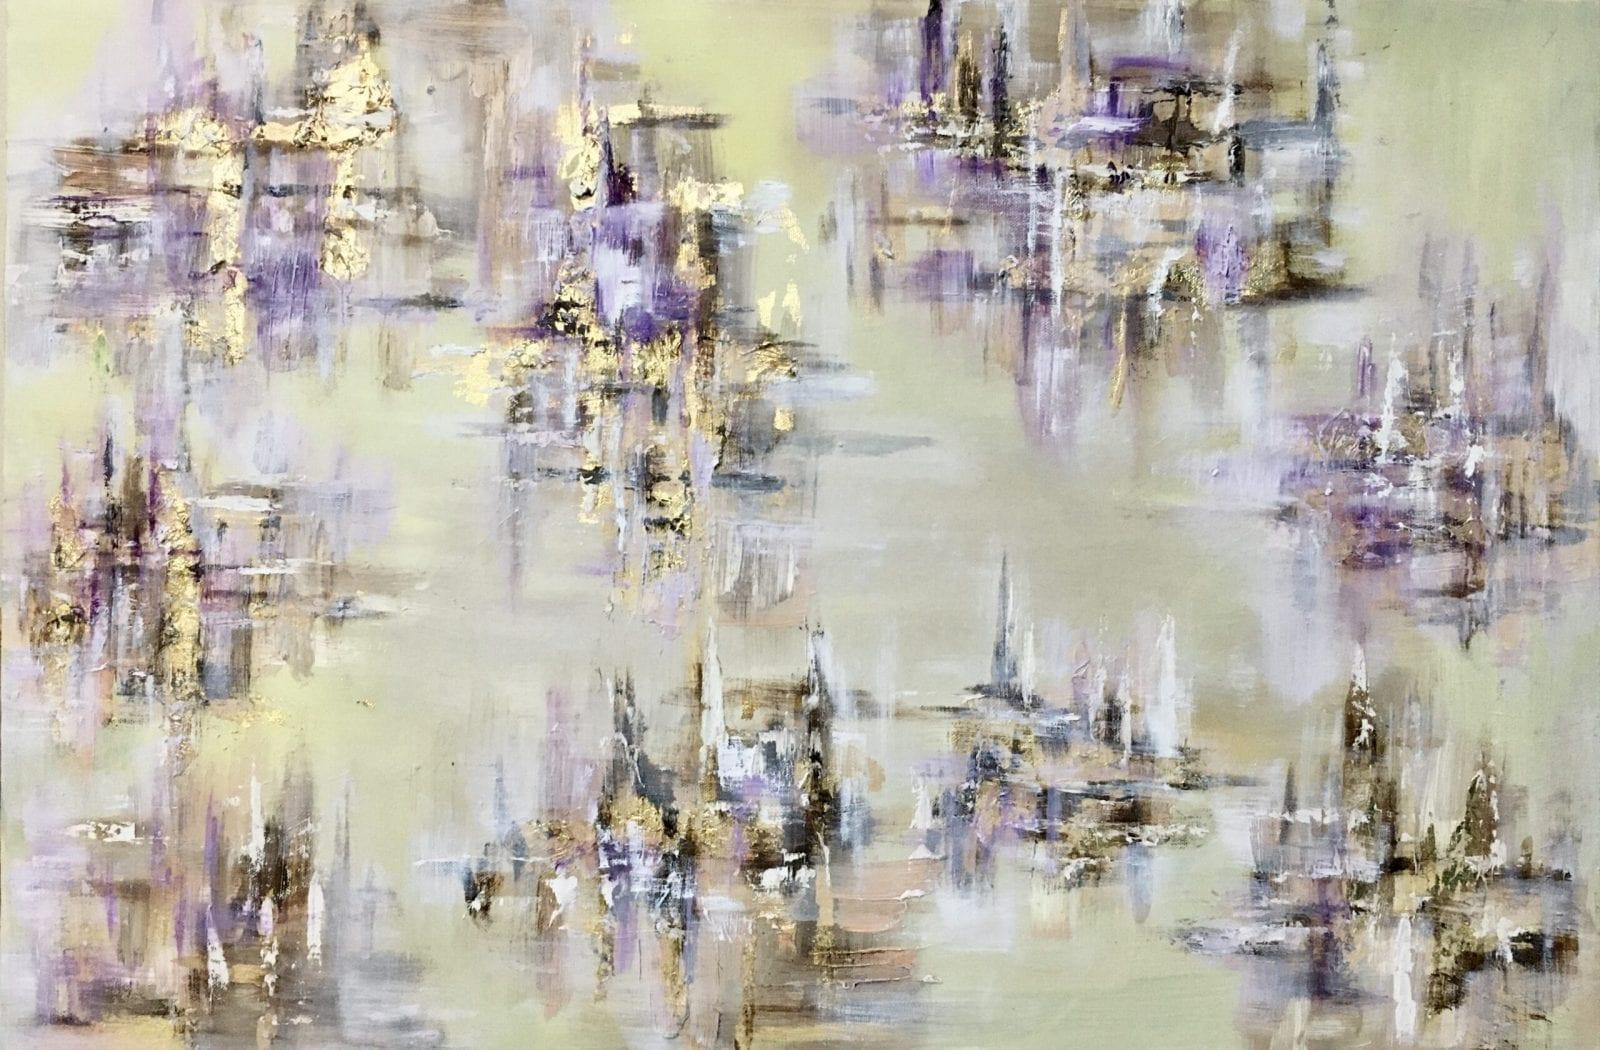 Tara Art London